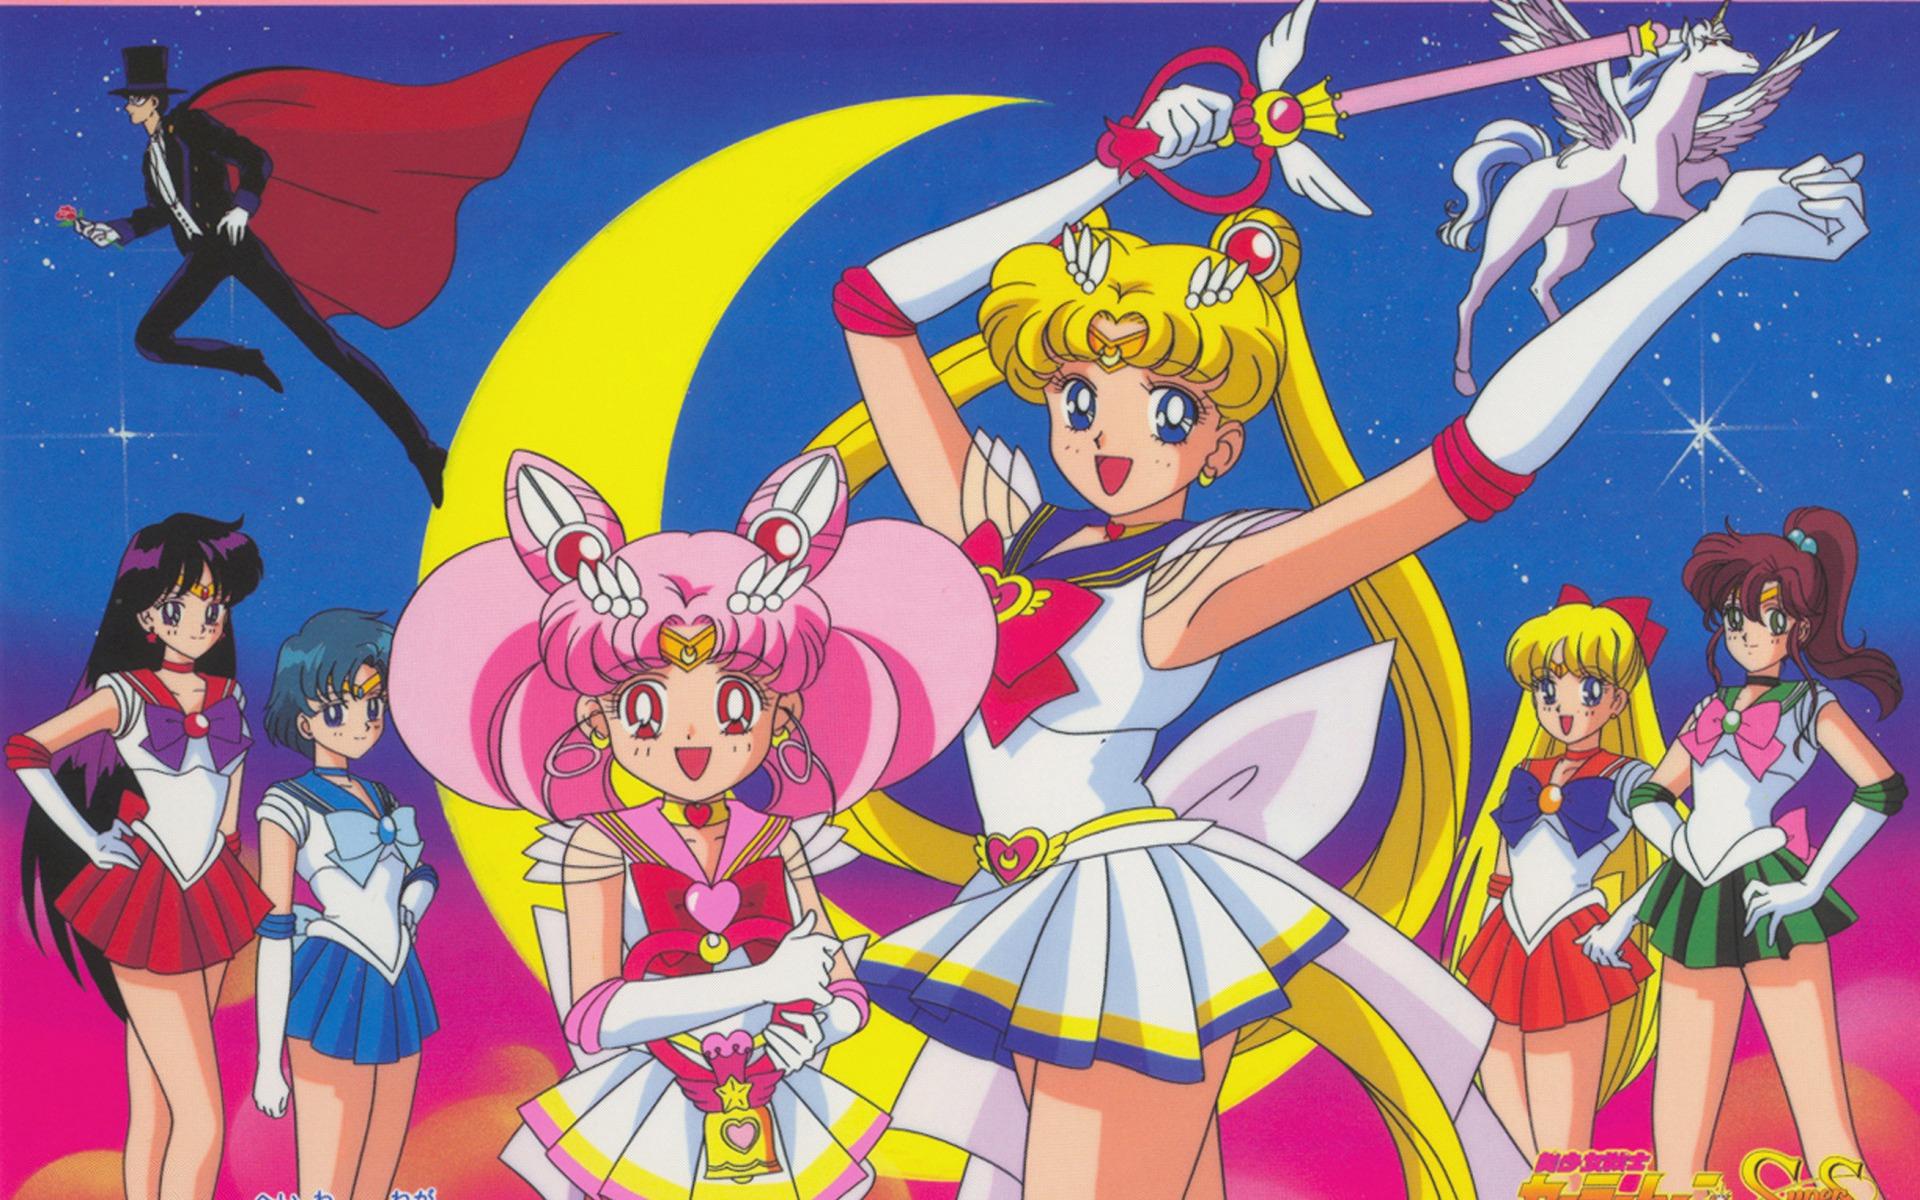 1920x1200 Sailor Moon 61 desktop PC and Mac wallpaper 1920x1200